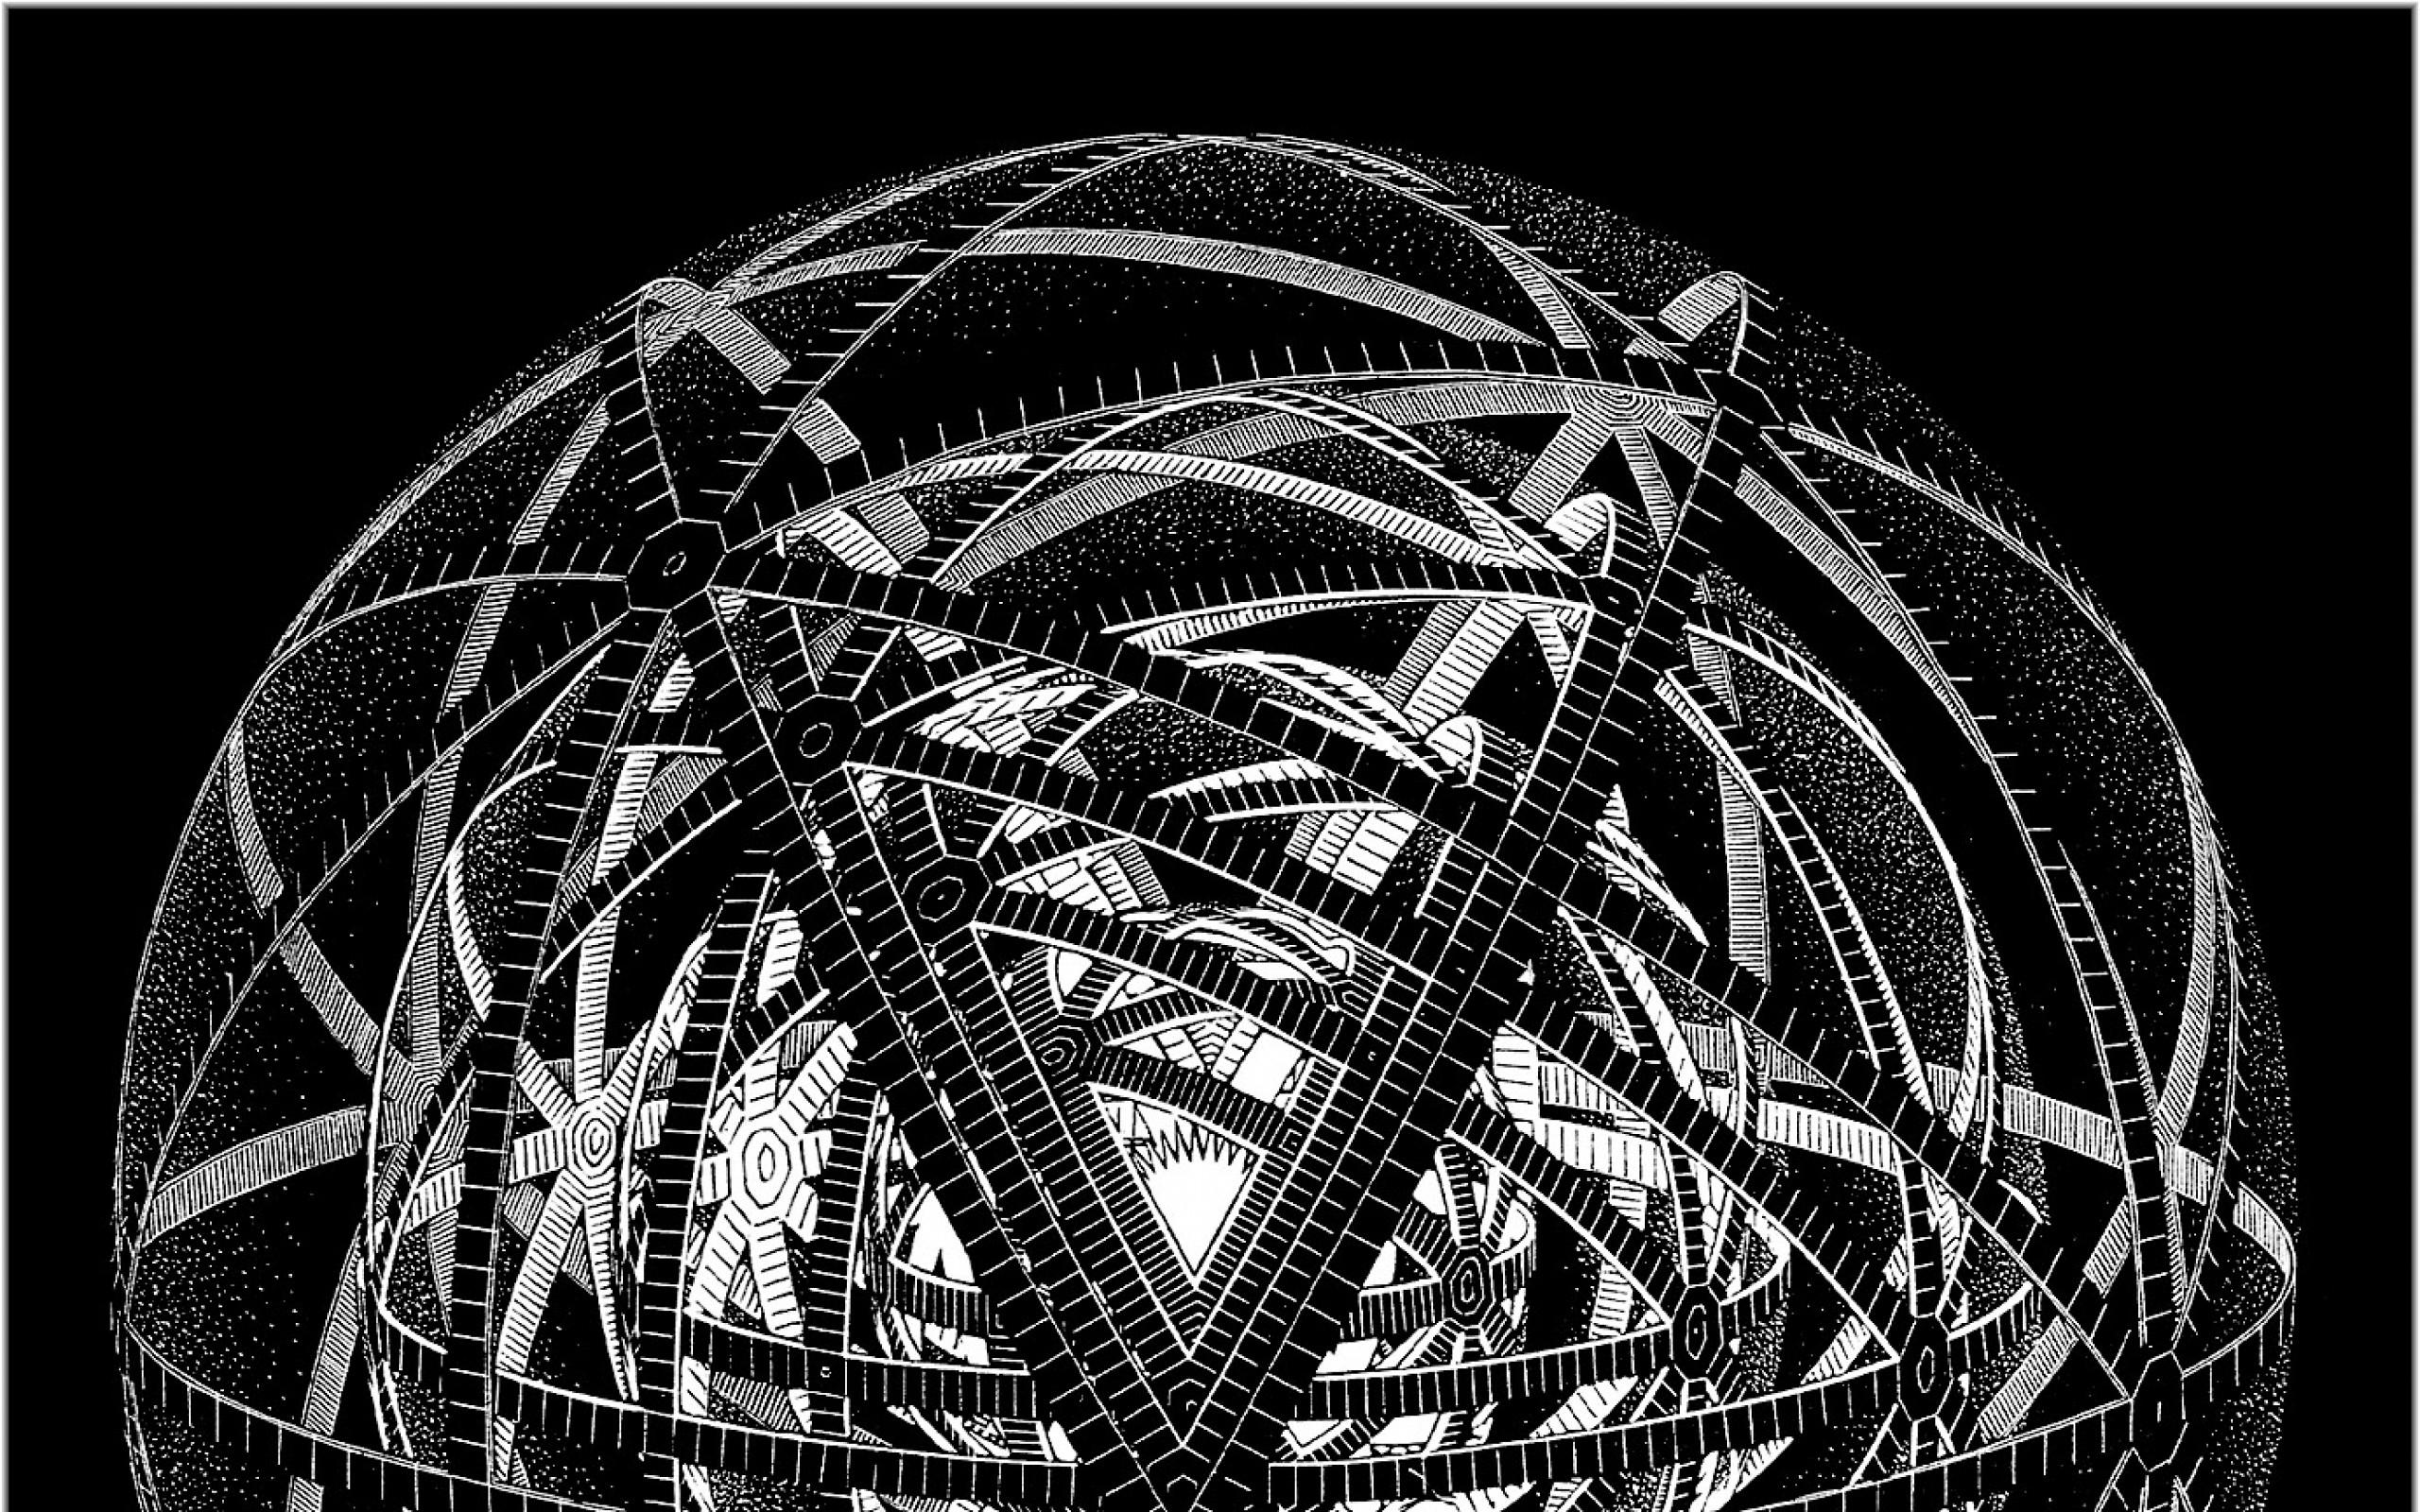 mc escher 1383×1400 wallpaper Art HD Wallpaper